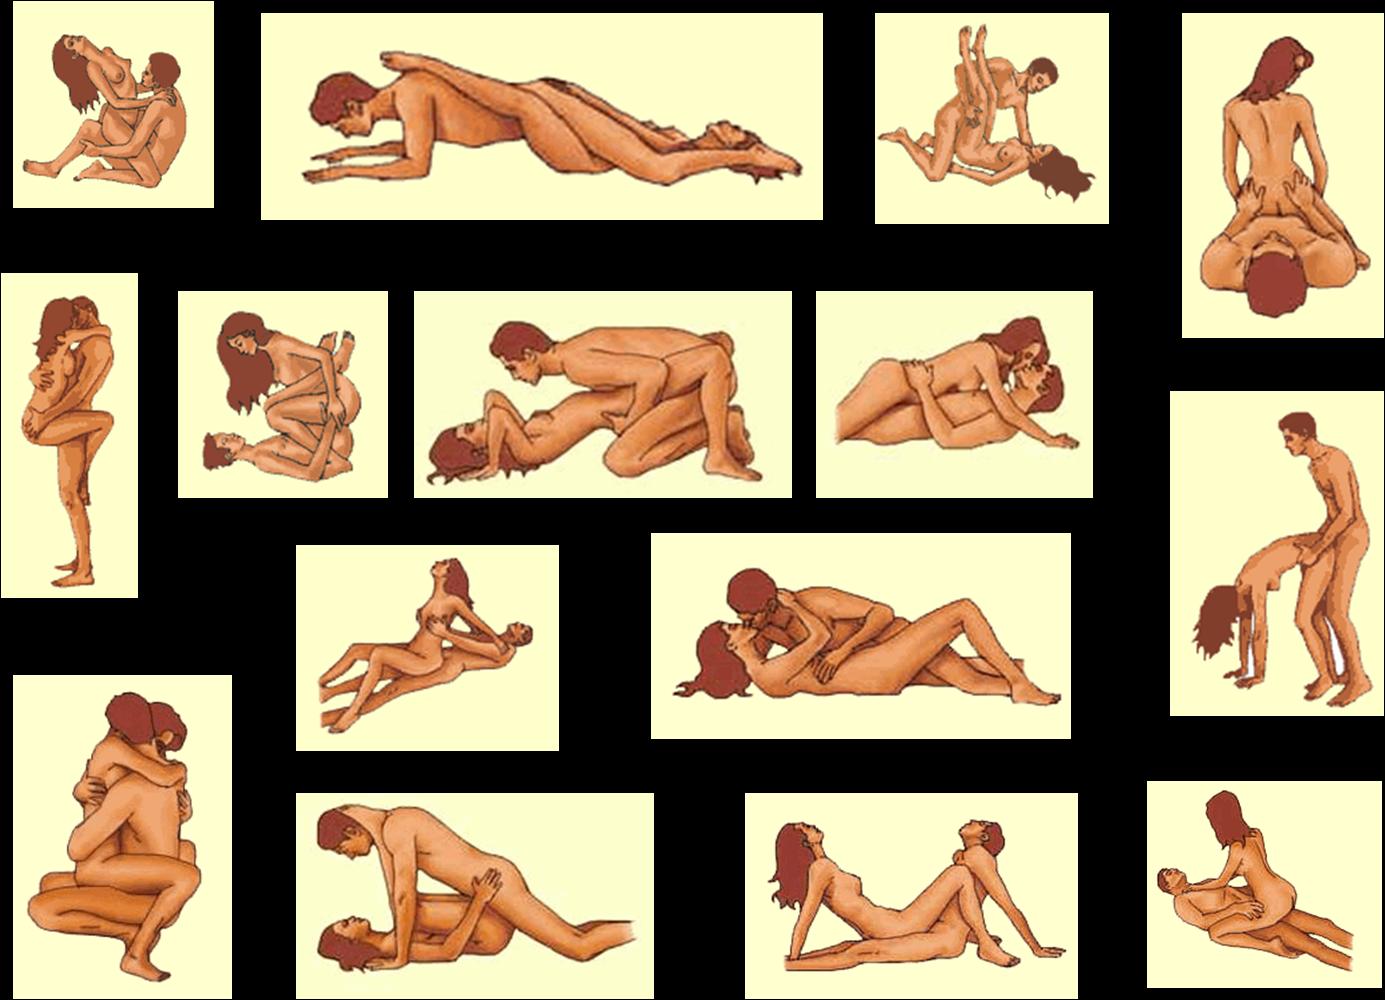 v-kakih-pozah-mozhno-zanimatsya-seksom